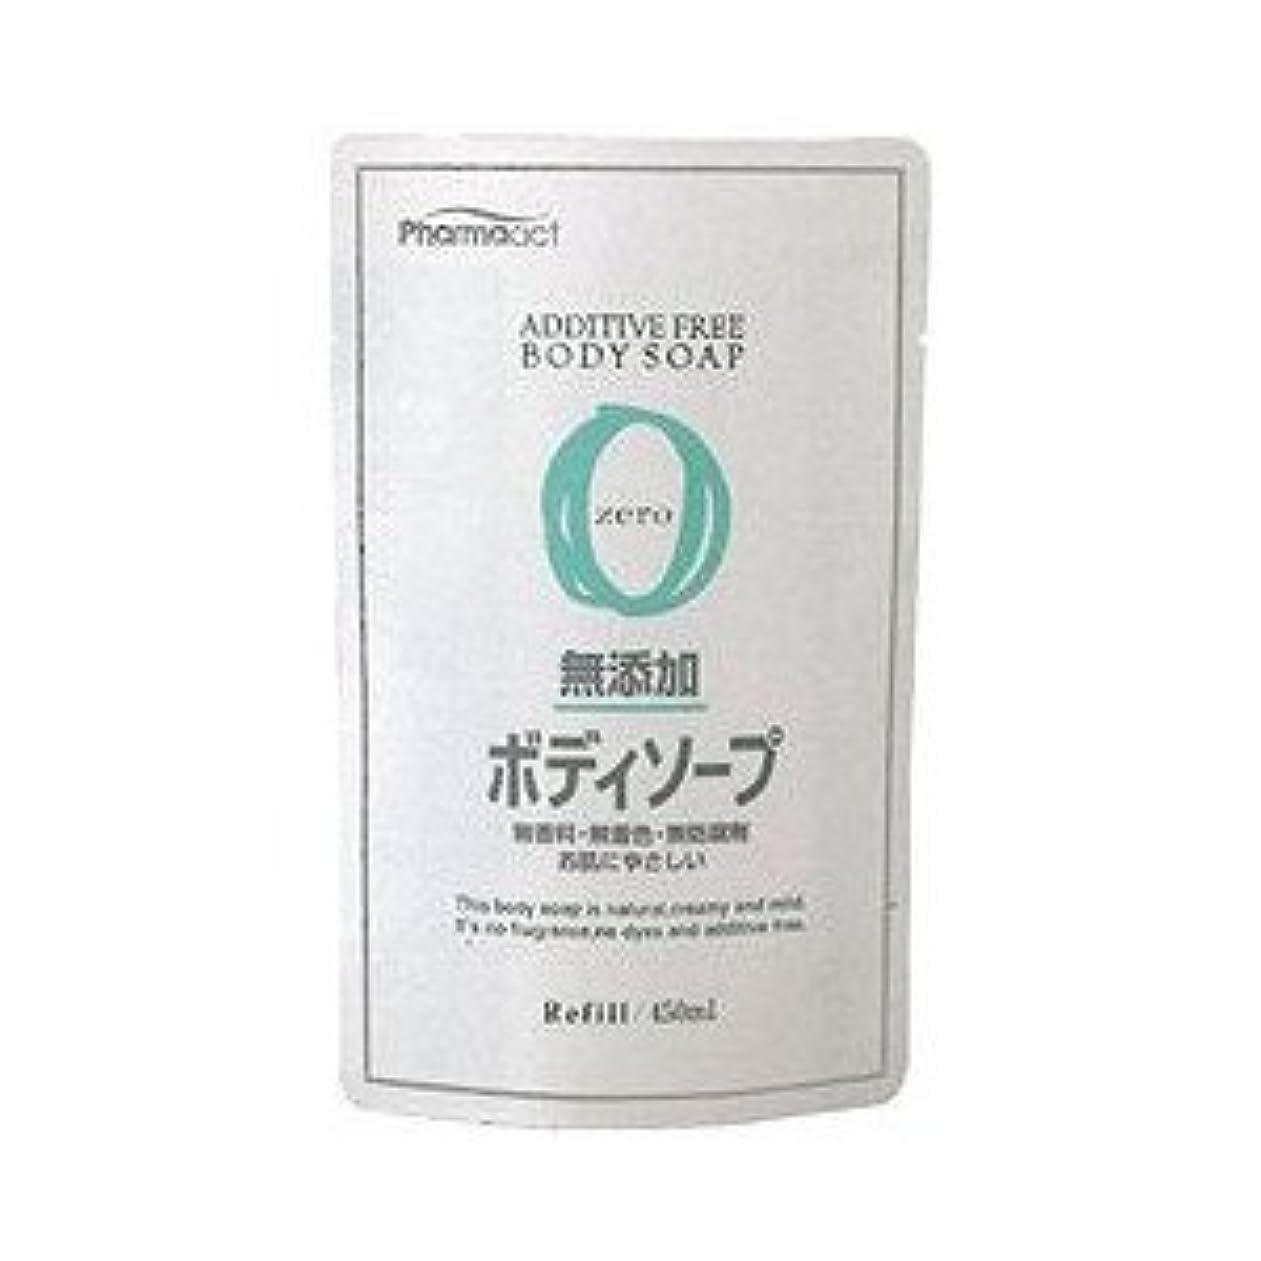 熊野油脂 ファーマアクト 無添加ボディソープ つめかえ用 450ml×24点セット  香料?着色料?防腐剤は使用しておりません